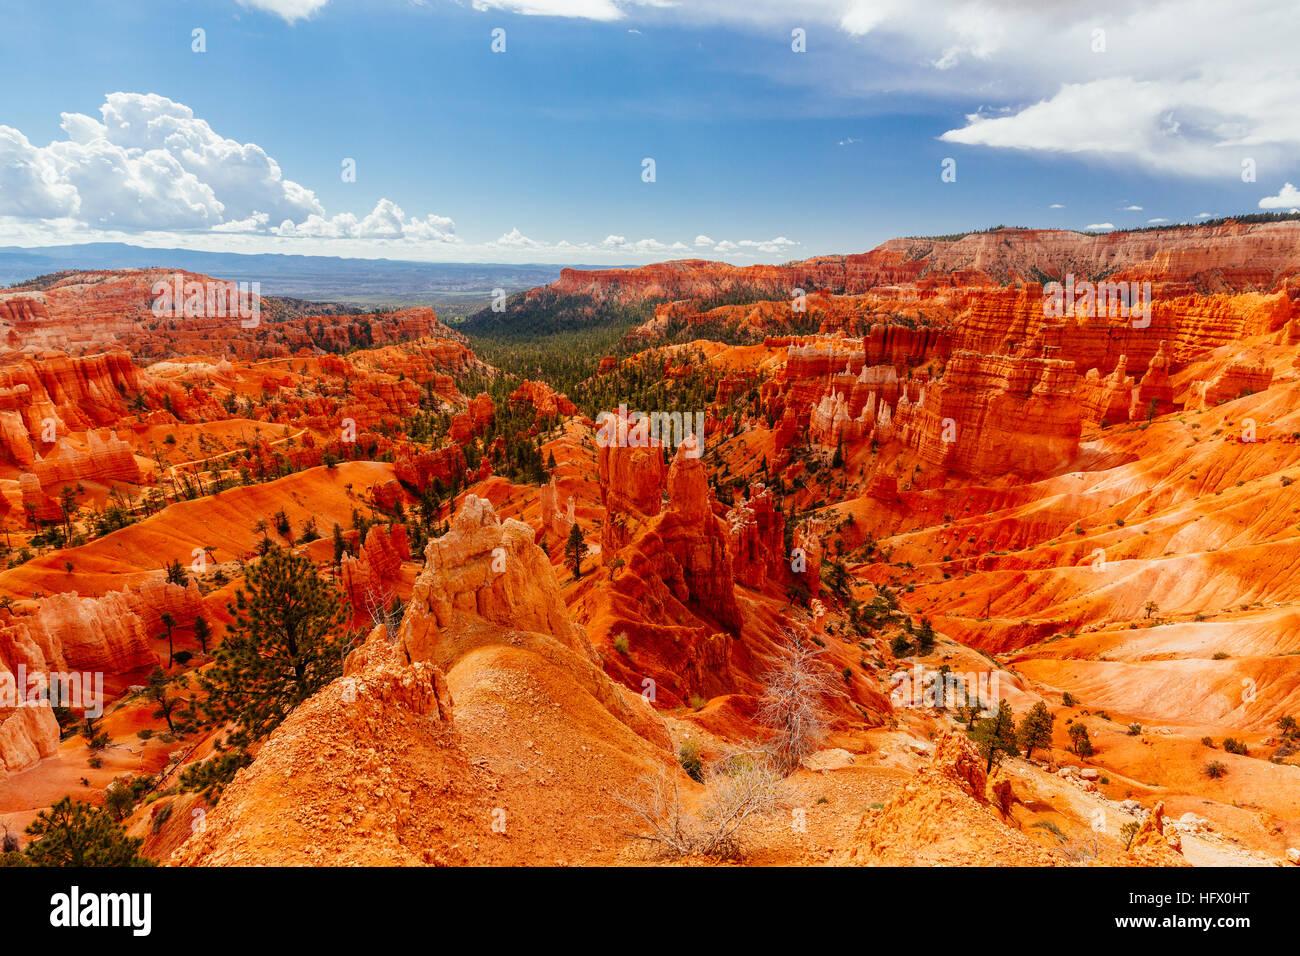 Bryce Canyon ist eine Sammlung von natürlichen Amphitheater des Paunsaugunt Plateaus beiseite. Bryce ist unverwechselbar Stockbild